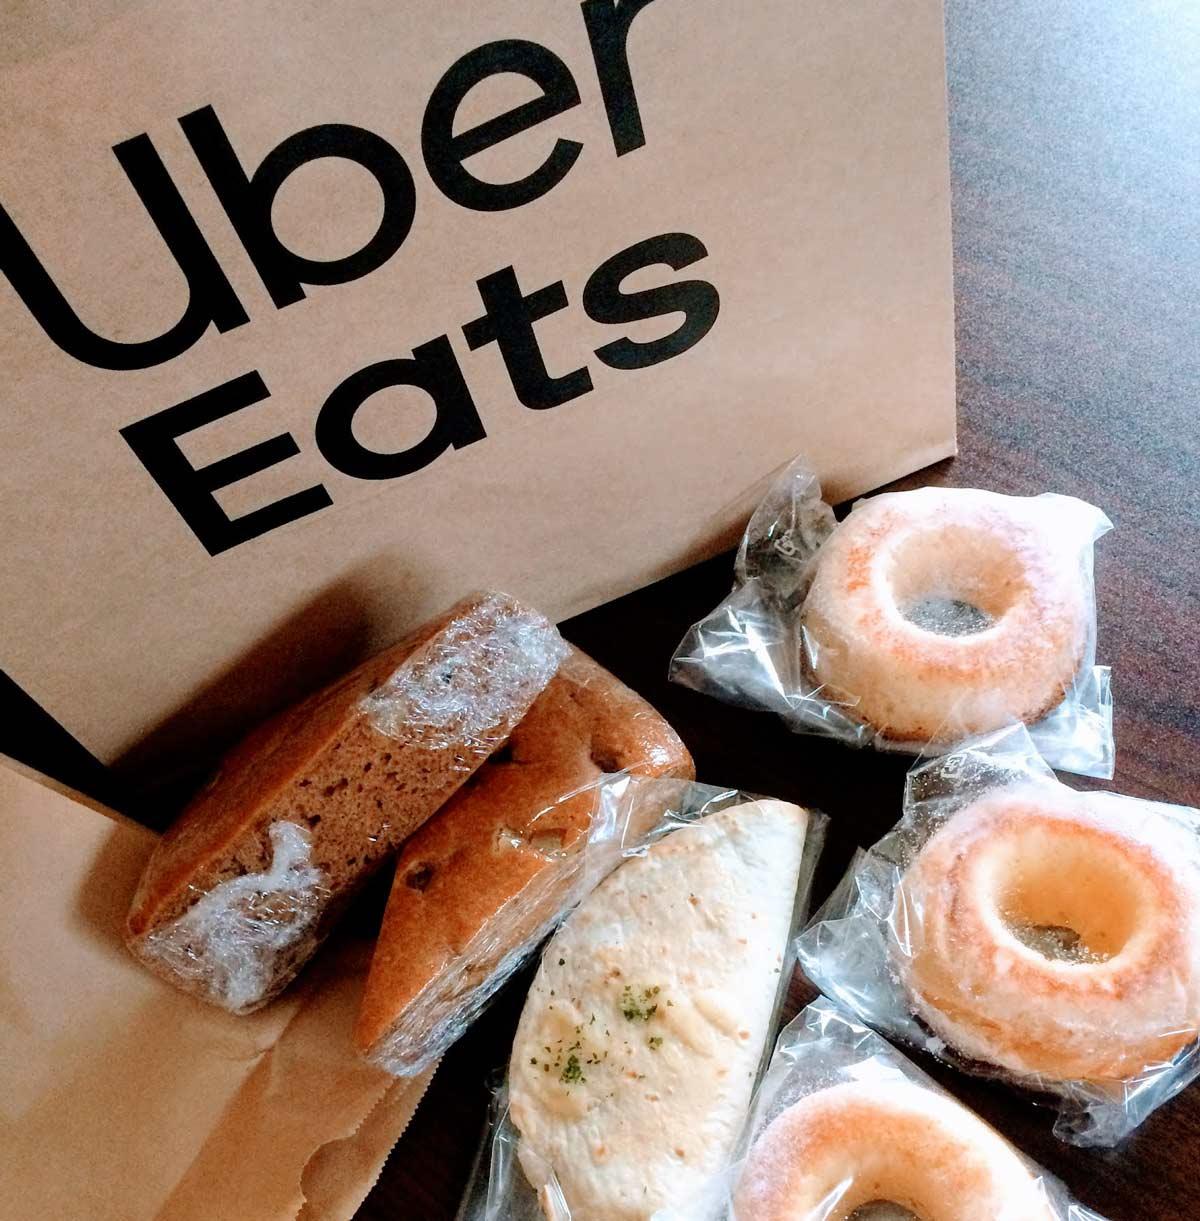 Uber Eatsが福岡でサービス開始、レストランで買ってどこでも食事できるスタイル